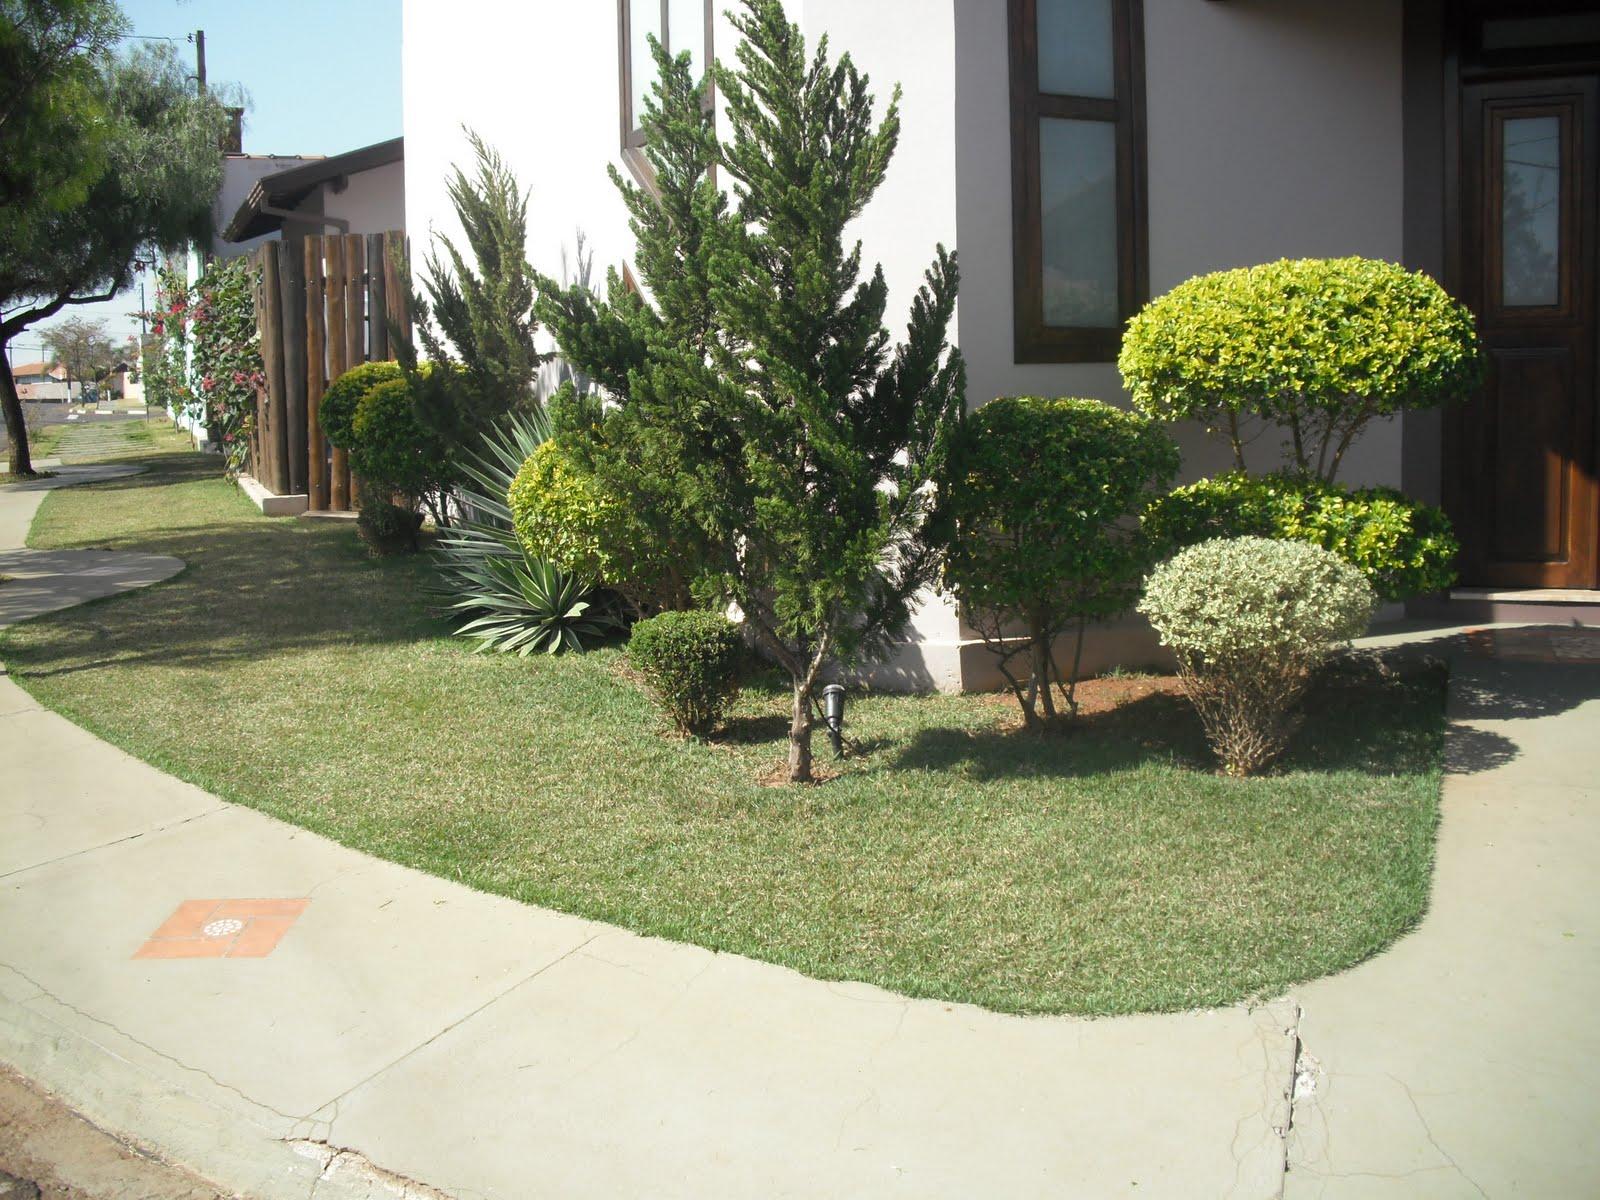 imagens jardins casas : imagens jardins casas:Modelos de jardins residenciais para frente de casa